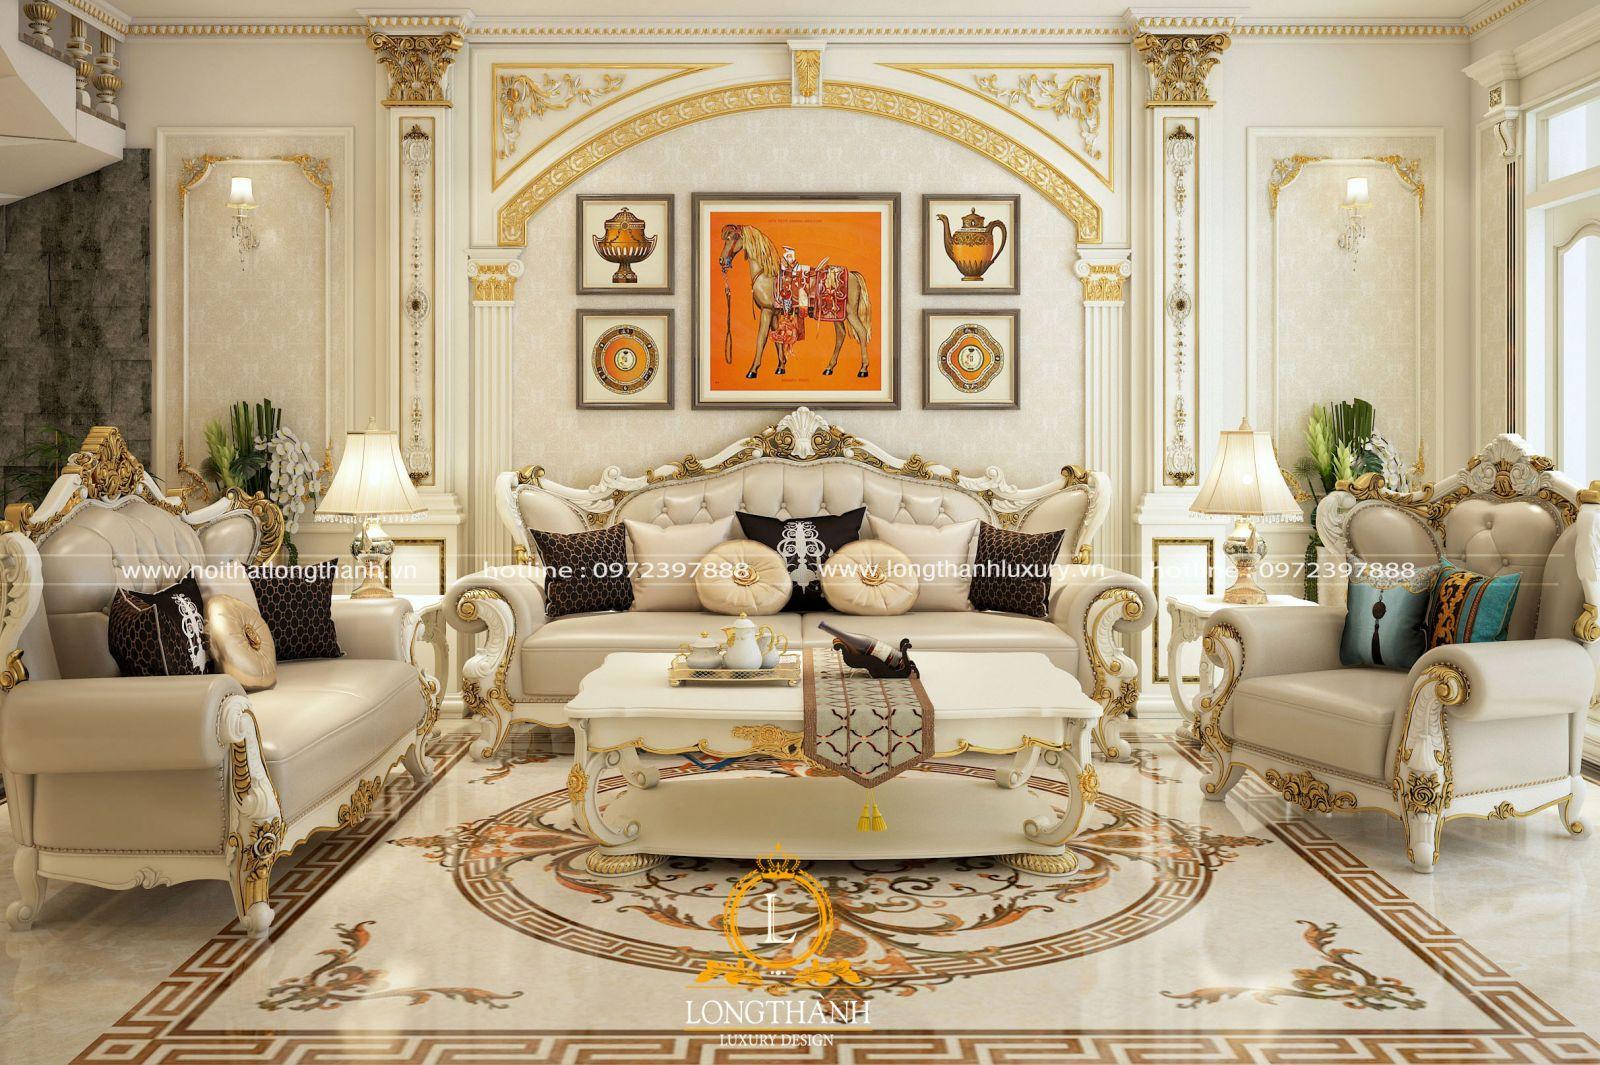 Sofa tân cổ điển bằng gỗ tự nhiên với hoa văn tinh xảo